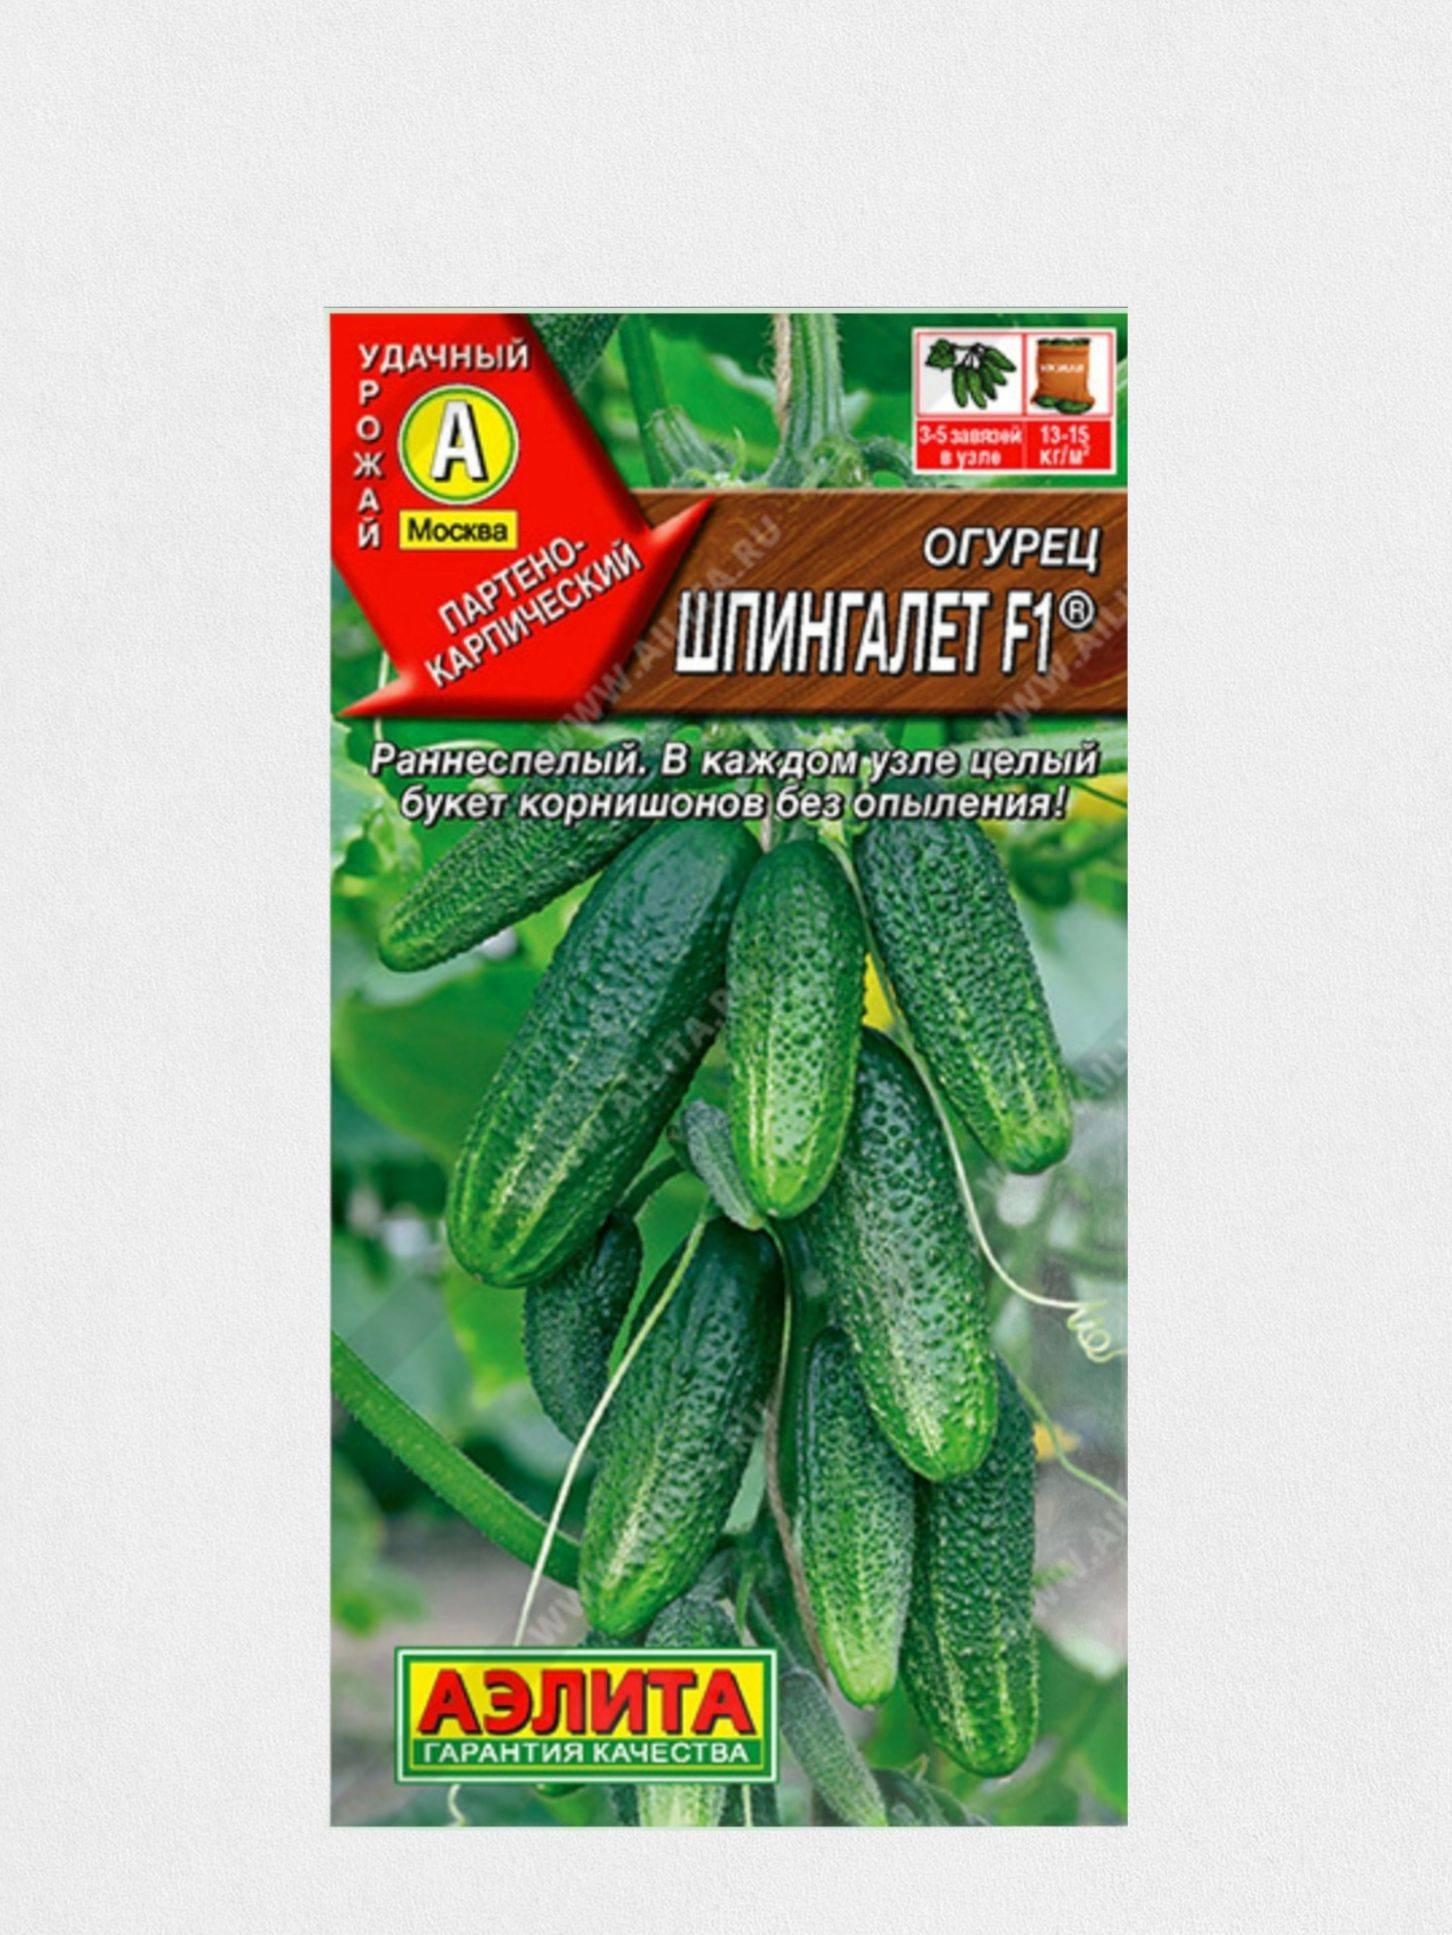 Огурцы кадриль f1: отзывы и фотографии, характеристики сорта, посев и посадка, уход и урожайность